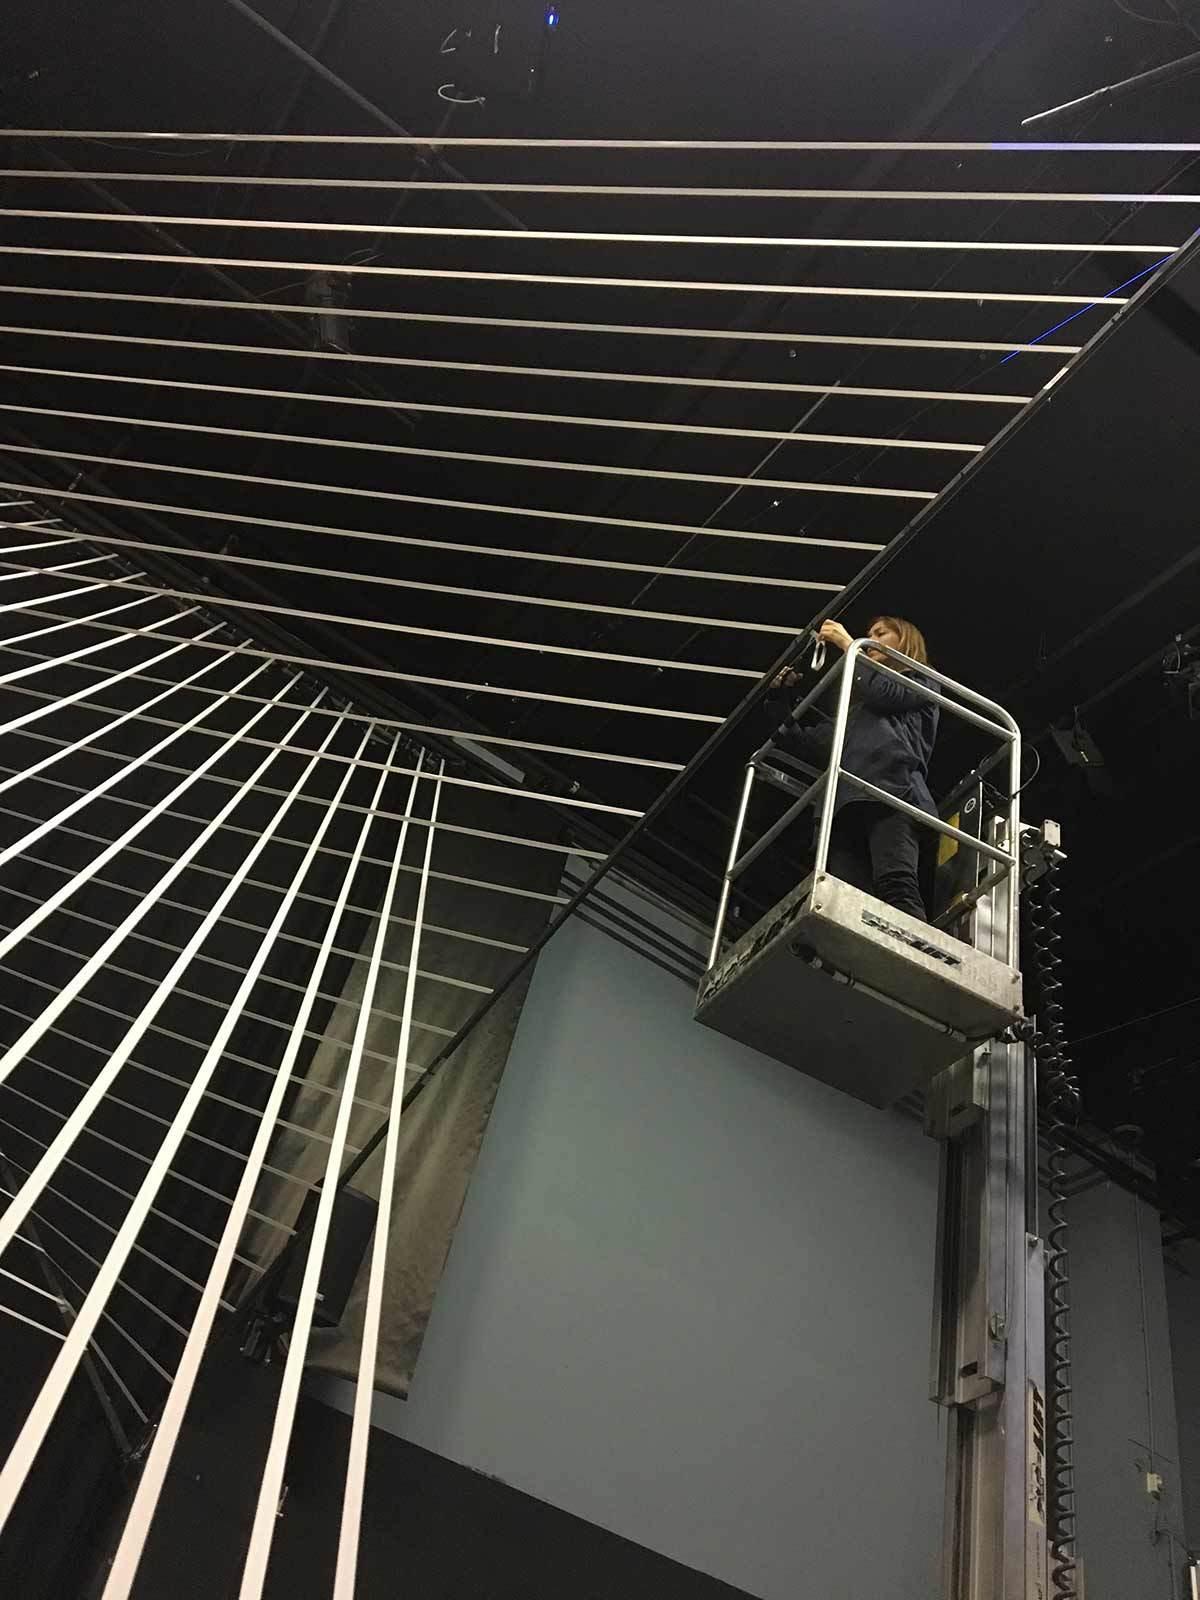 Lyndsey Housden - Residency at V2_ installing Axis